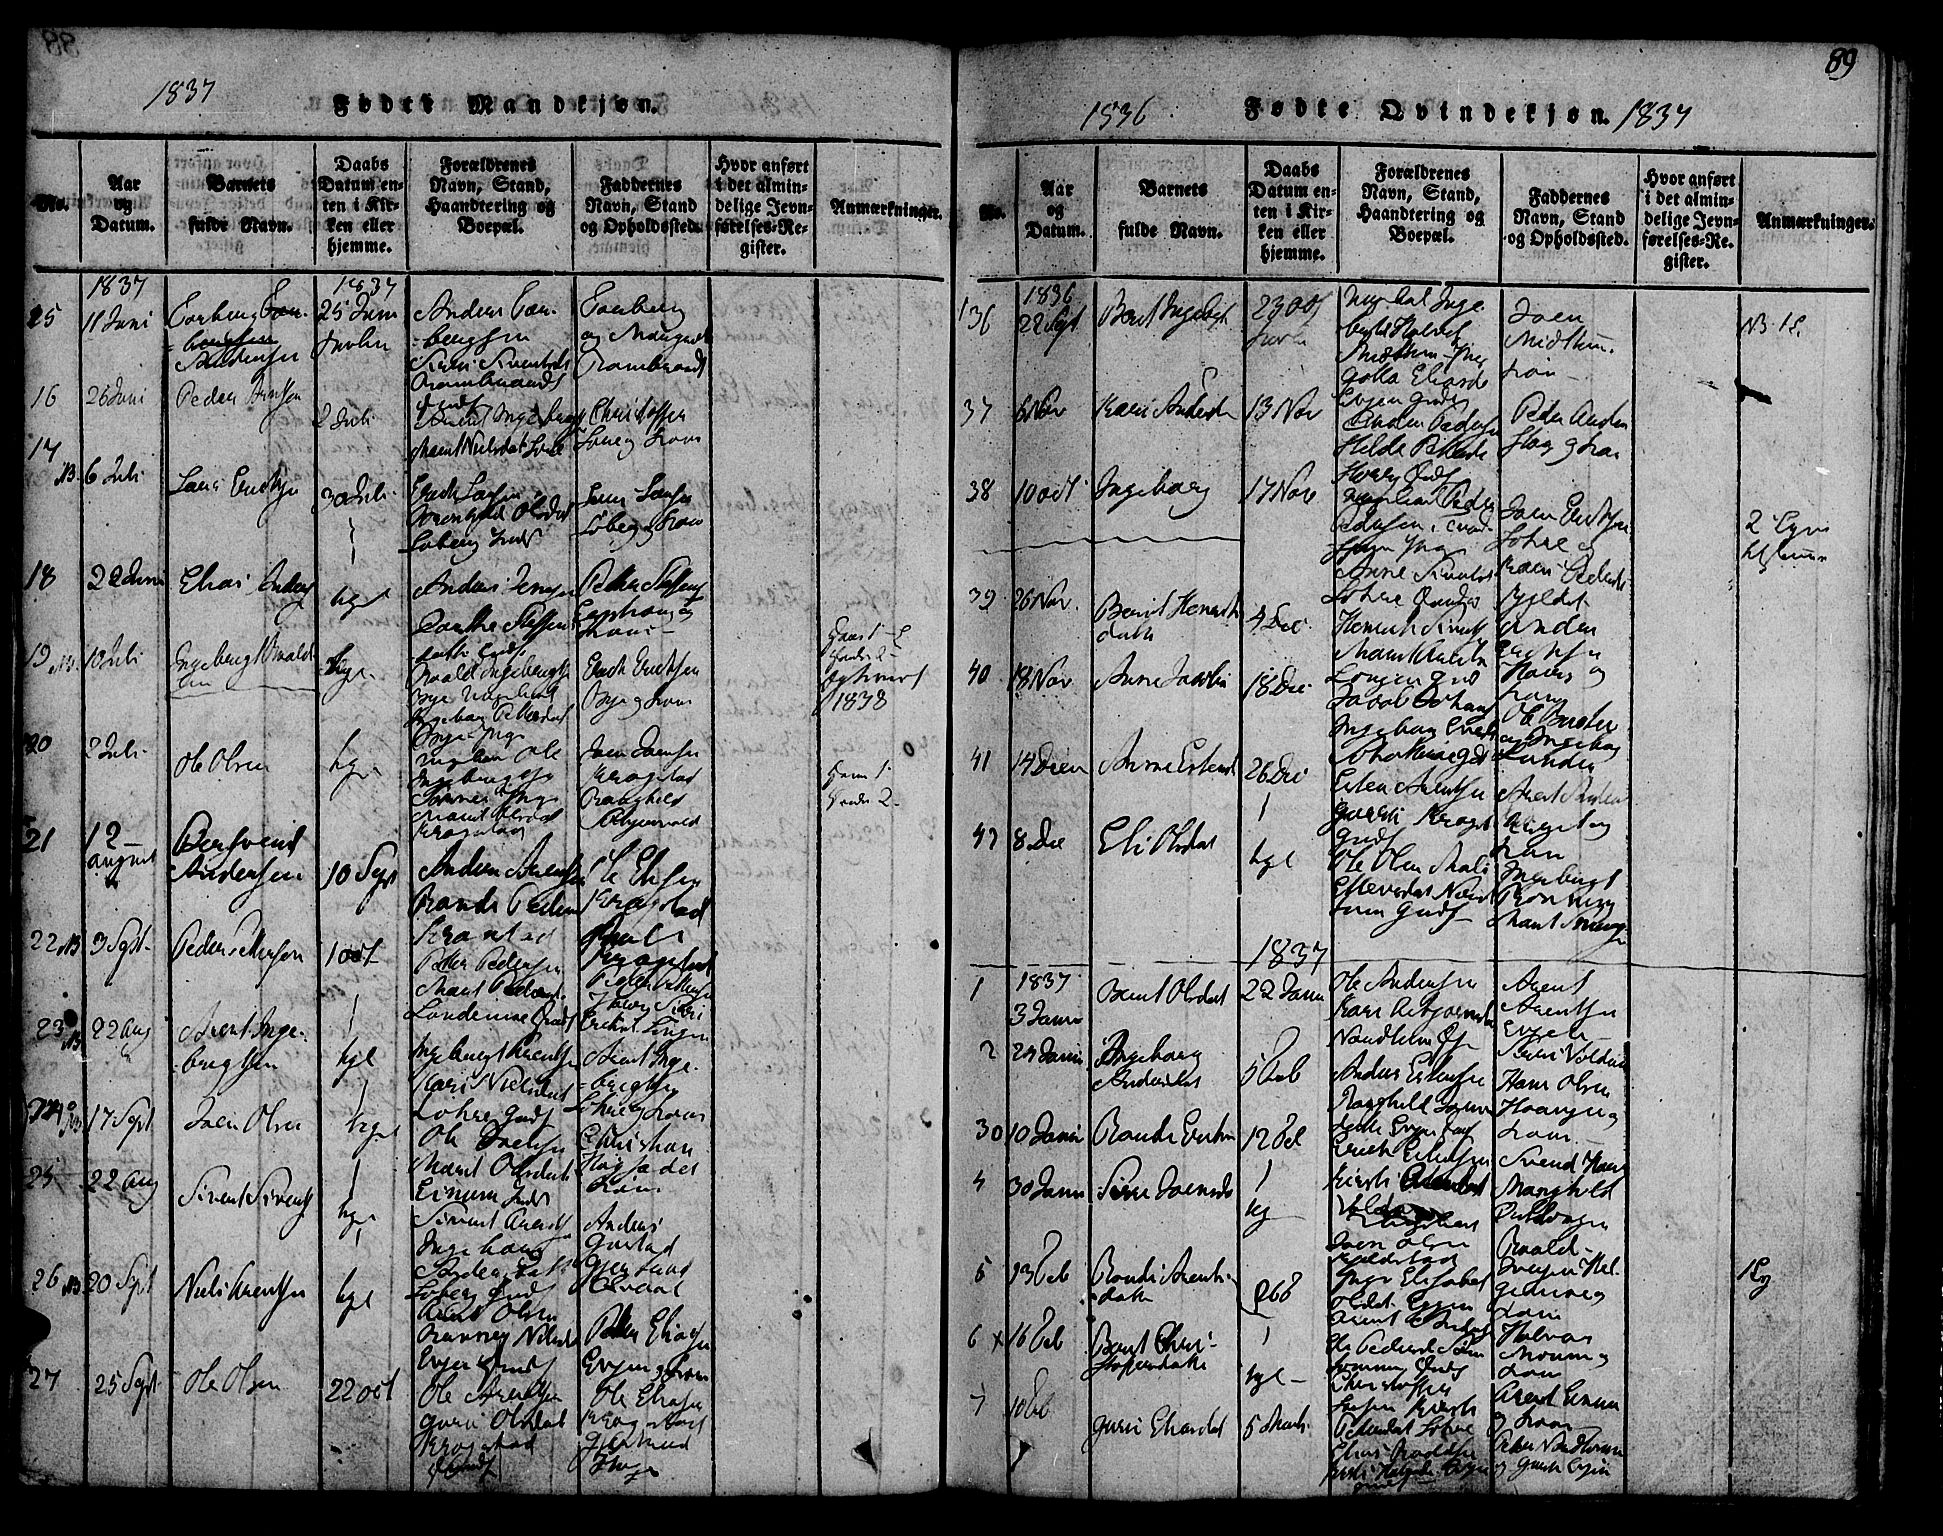 SAT, Ministerialprotokoller, klokkerbøker og fødselsregistre - Sør-Trøndelag, 692/L1102: Ministerialbok nr. 692A02, 1816-1842, s. 89